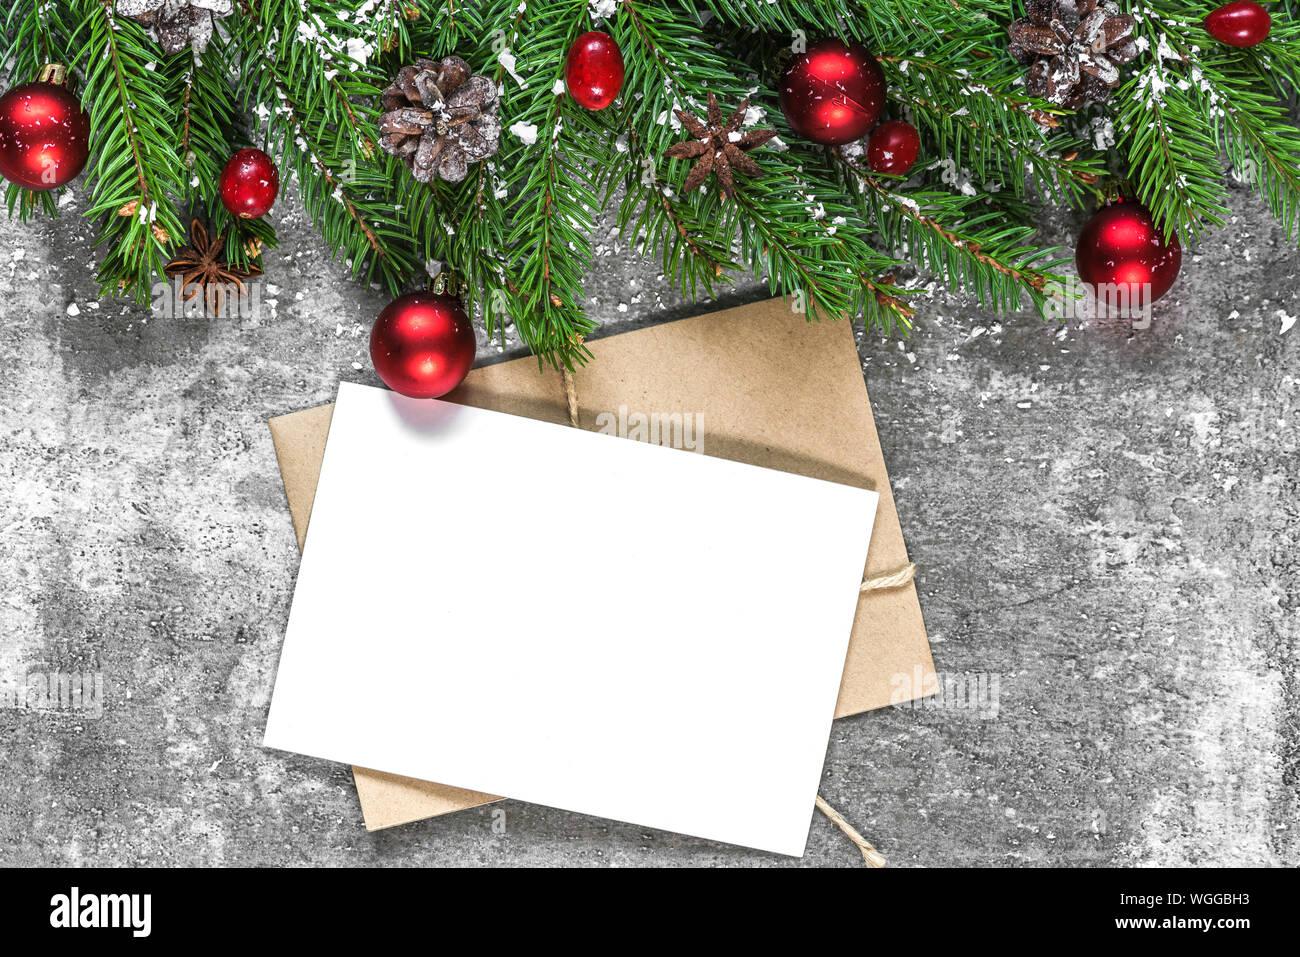 Ogni anno la magia del natale riempie si ripete, con tutto il suo carico di gioia, regali e feste in famiglia. Sfondo Di Natale Mock Up Immagini E Fotos Stock Alamy